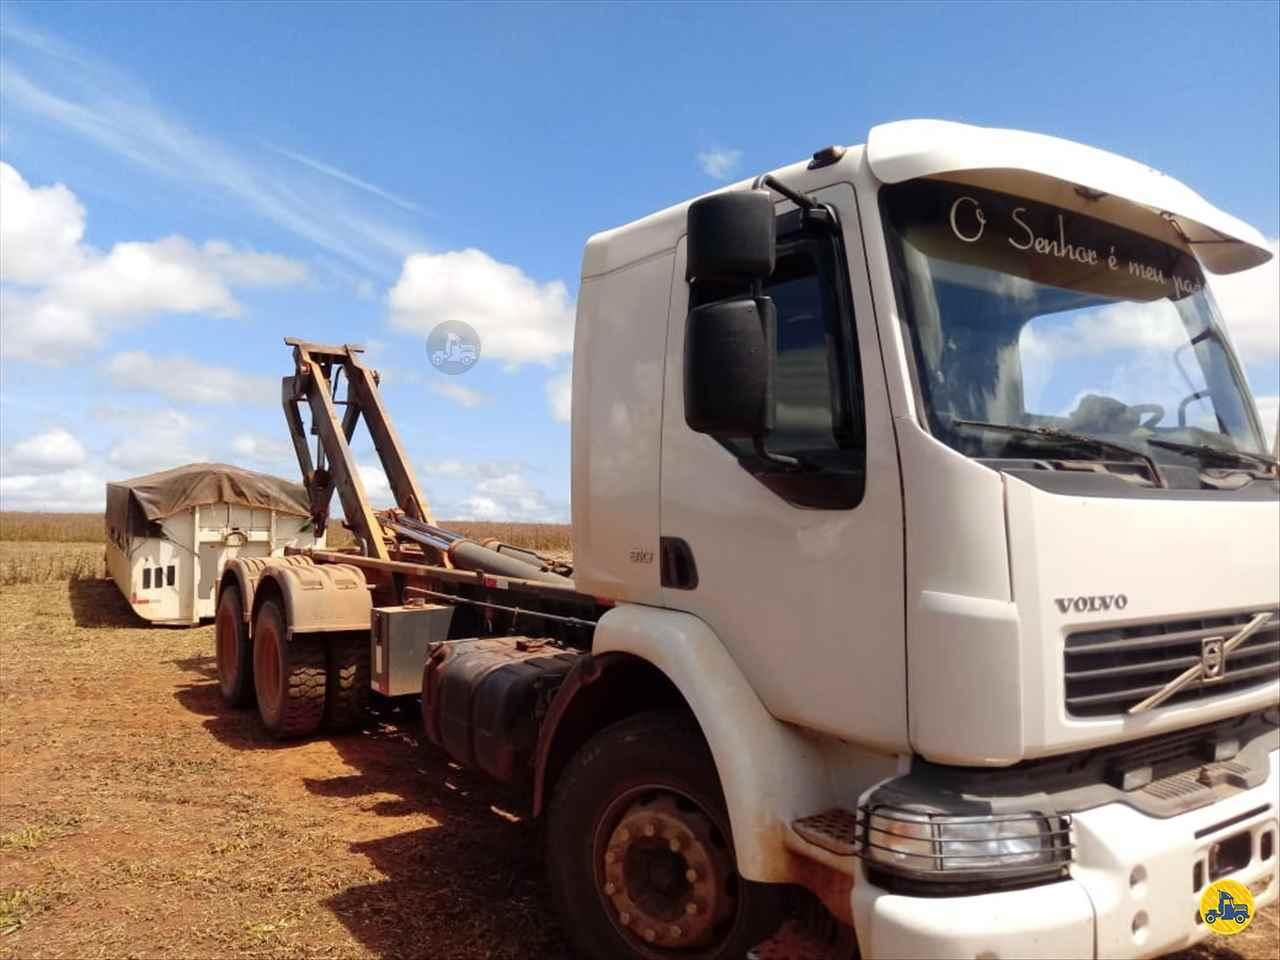 CAMINHAO VOLVO VOLVO VM 310 Roll ON OFF Traçado 6x4 Ebenezer Caminhões e Carretas CAPAO BONITO SÃO PAULO SP